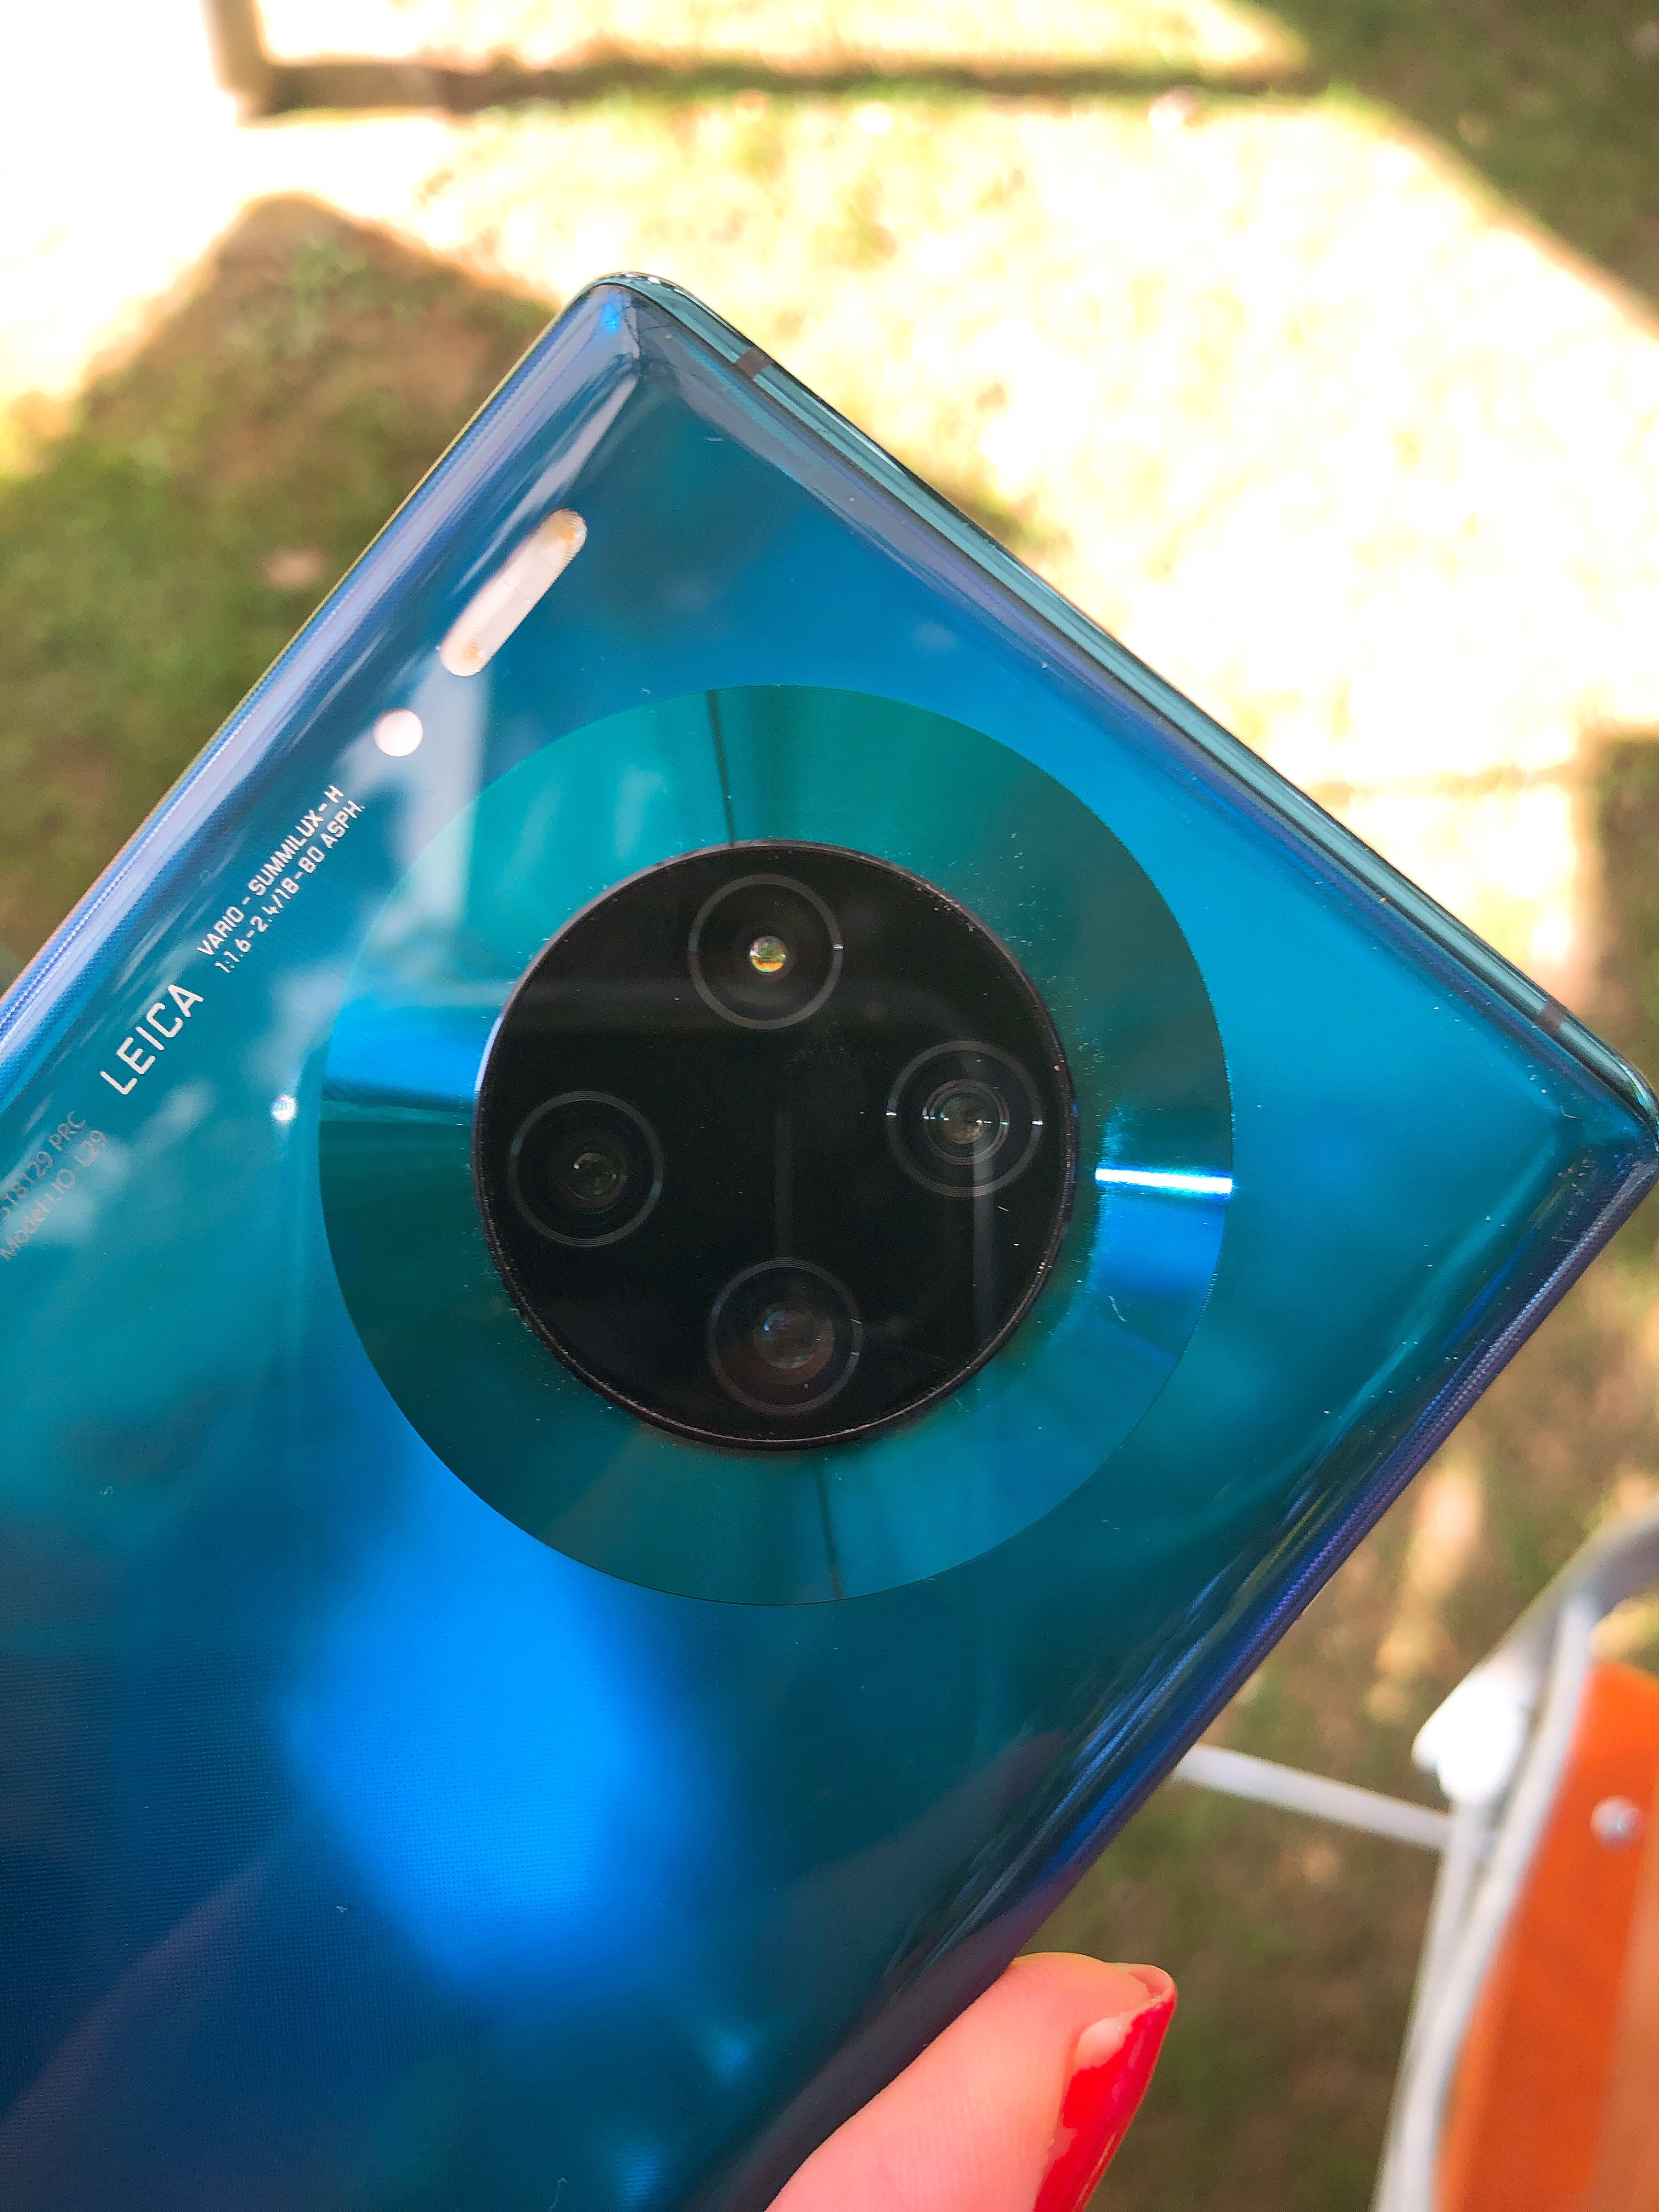 الكاميرا سلسلة Mate 30 رائعة للغاية